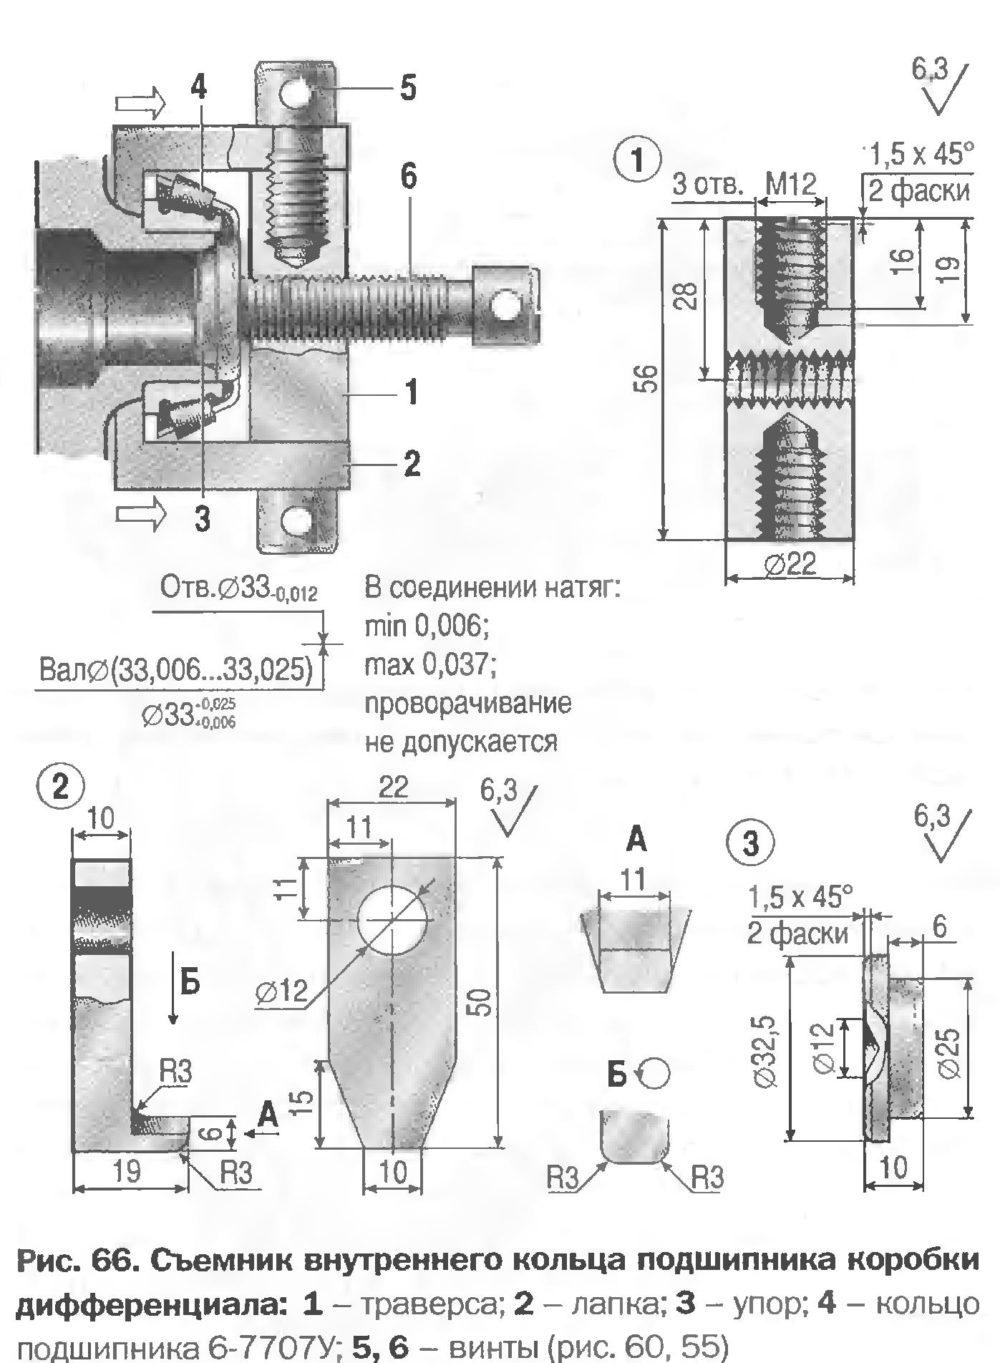 Съемник внутреннего кольца подшипника коробки дифференциала